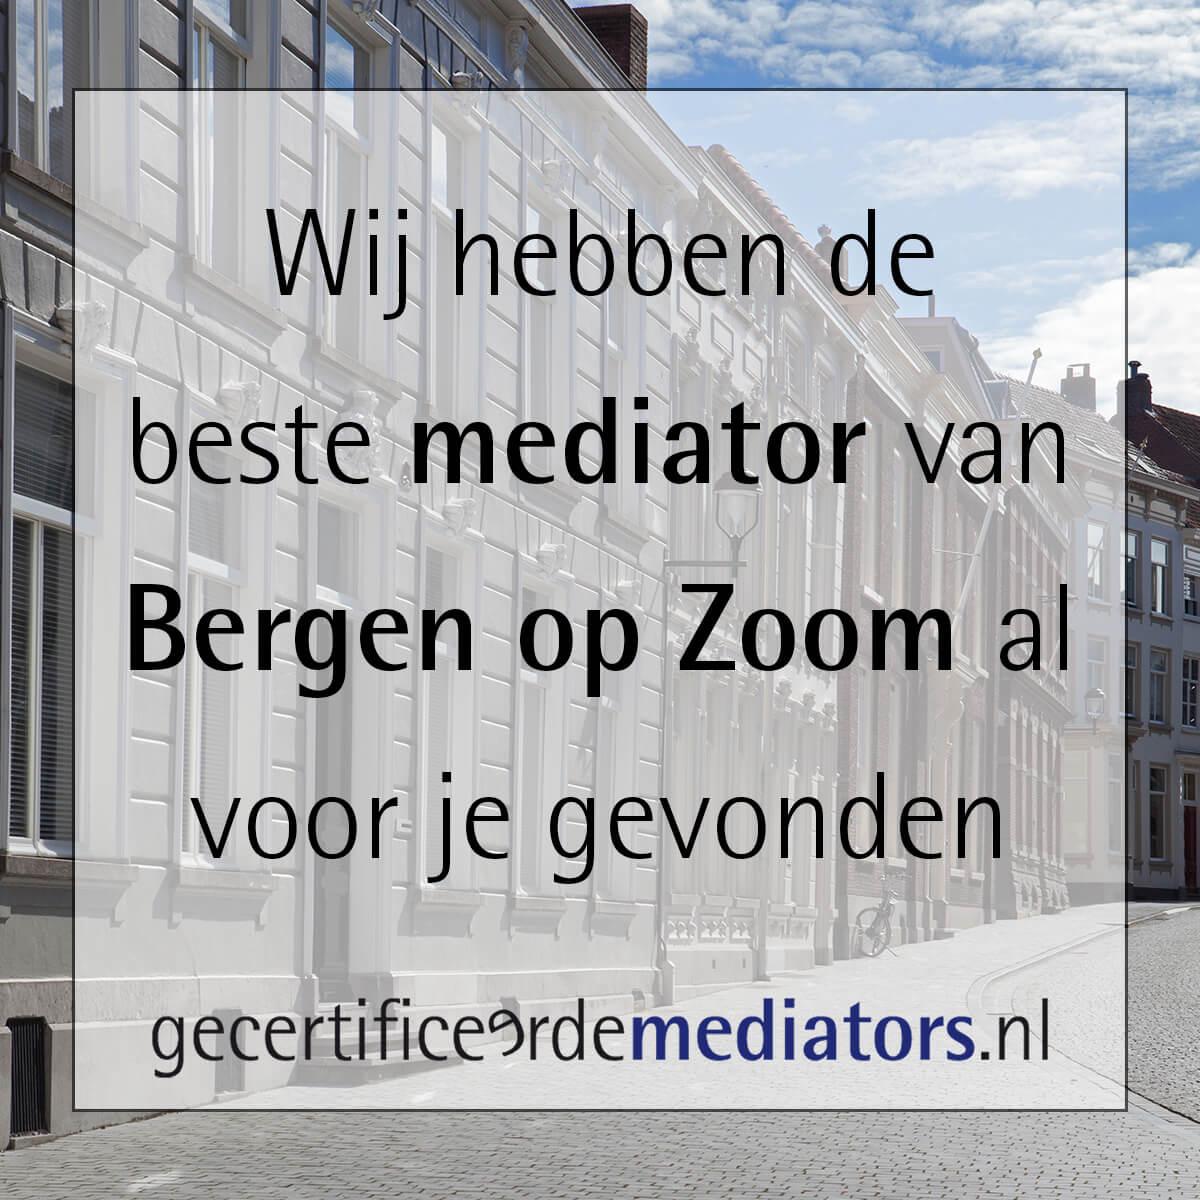 mediator bergen op zoom